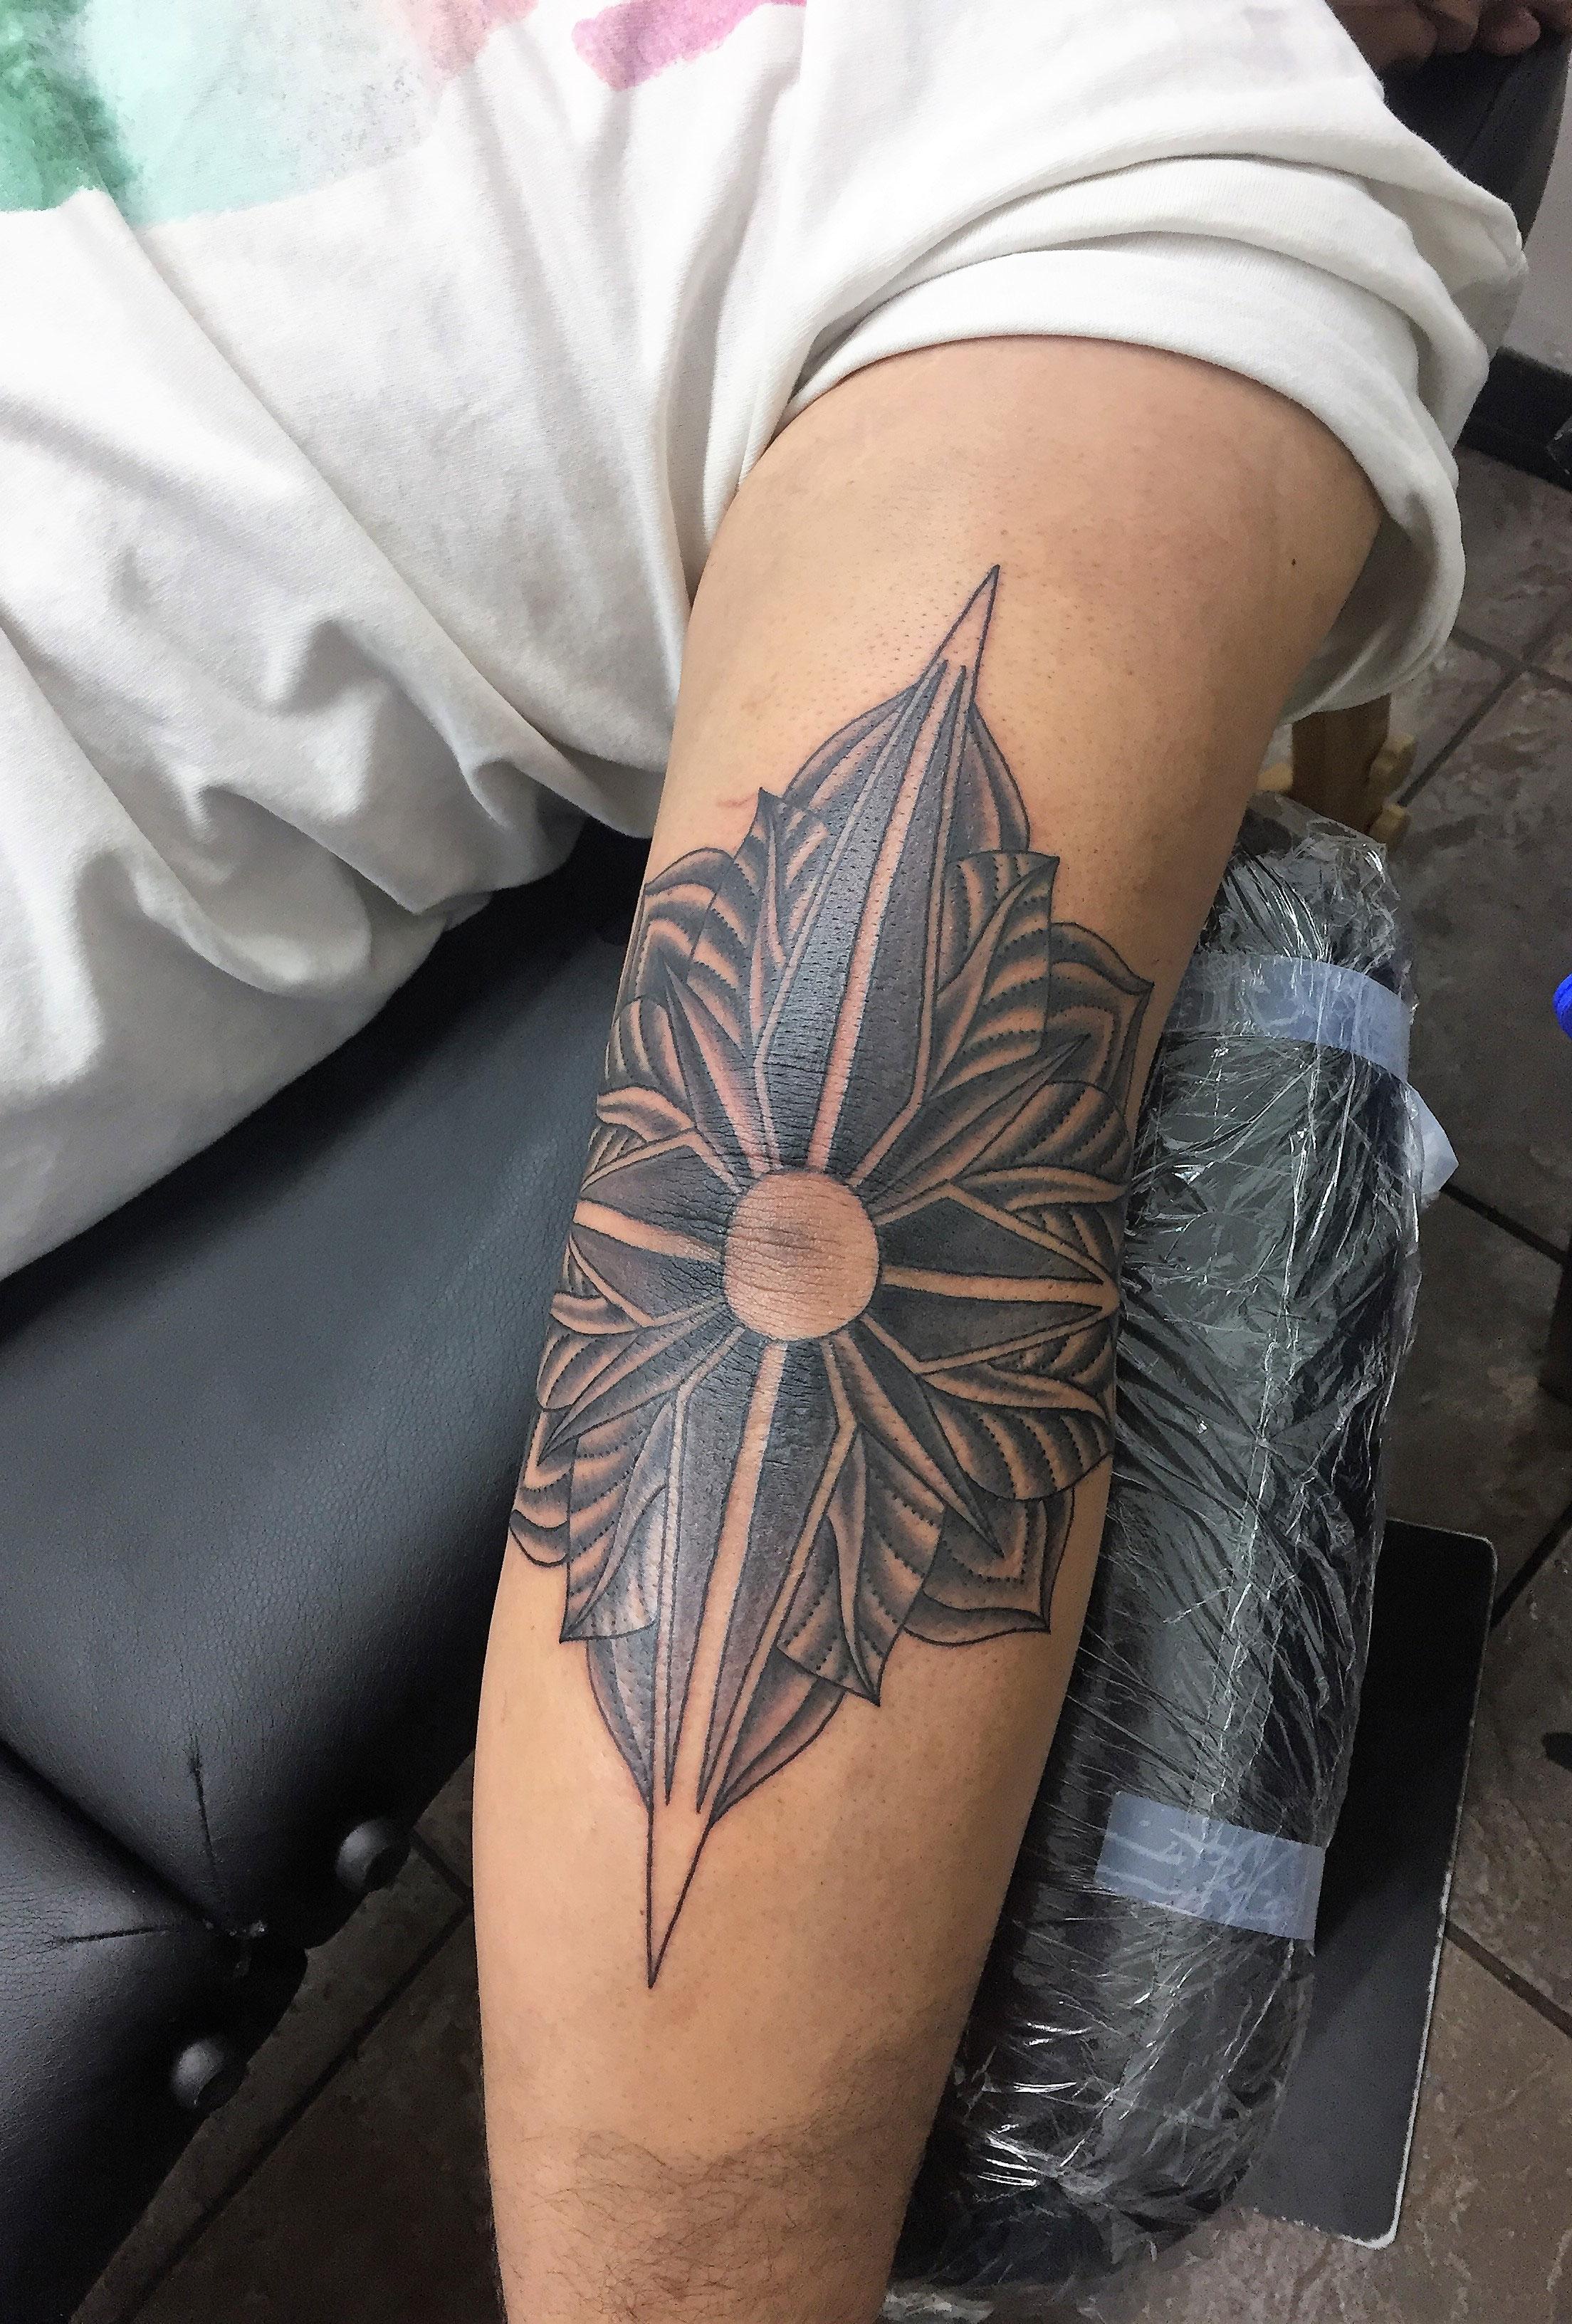 Ink Spot Tattoo | Snow | Inkspot Tattoo Shop in Orlando | Down town ...